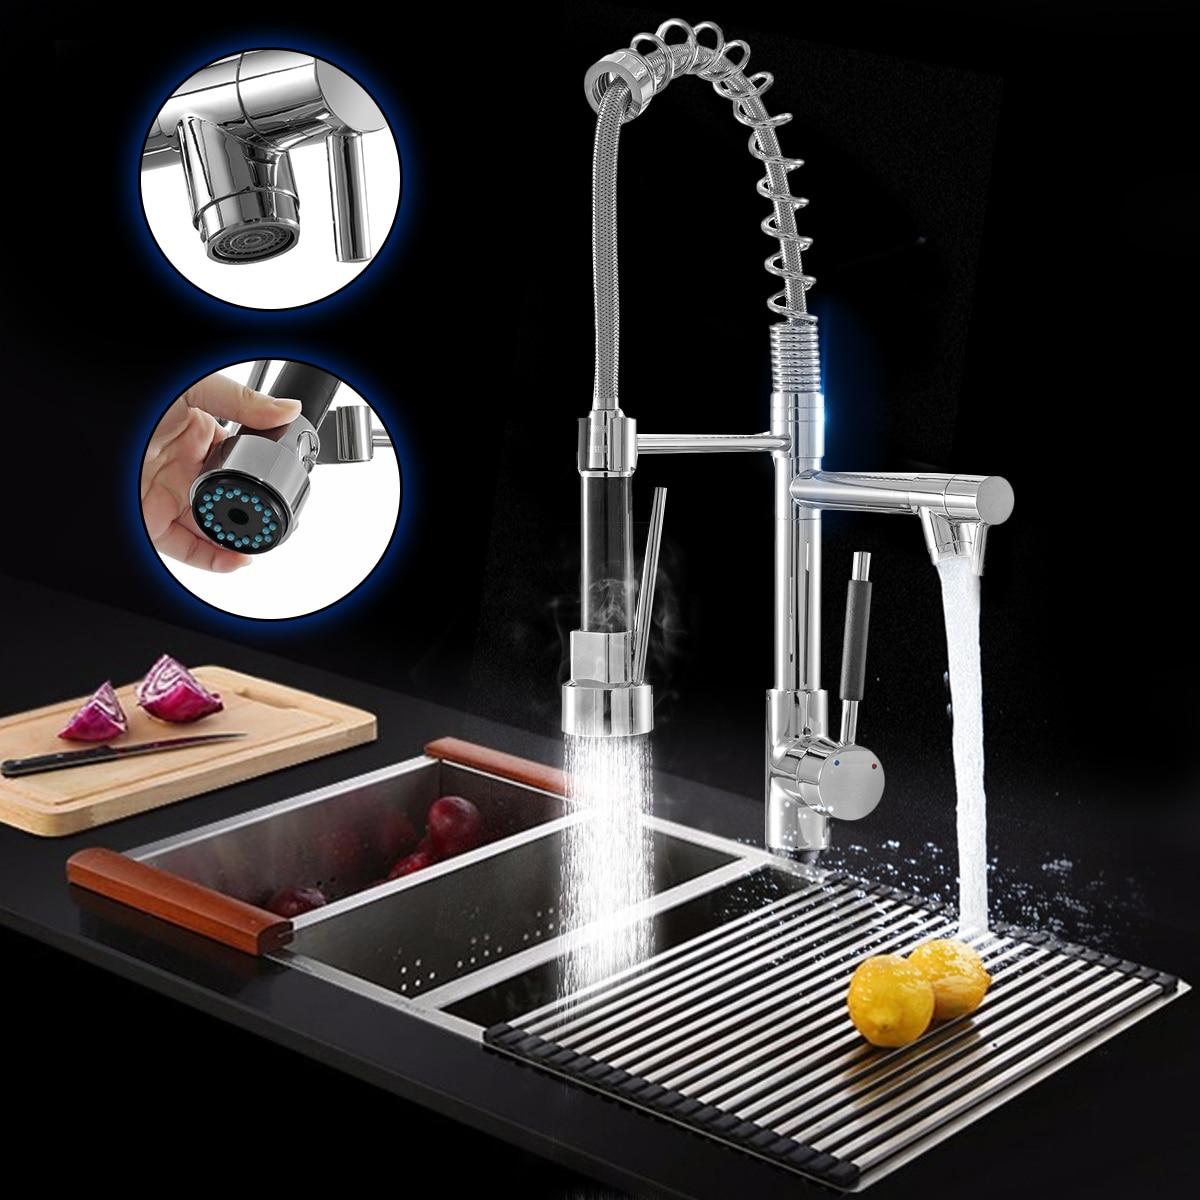 Cuisine Chrome retirer côté ressort robinet pulvérisateur double bec mitigeur robinet évier robinet 360 Rotation pont monté